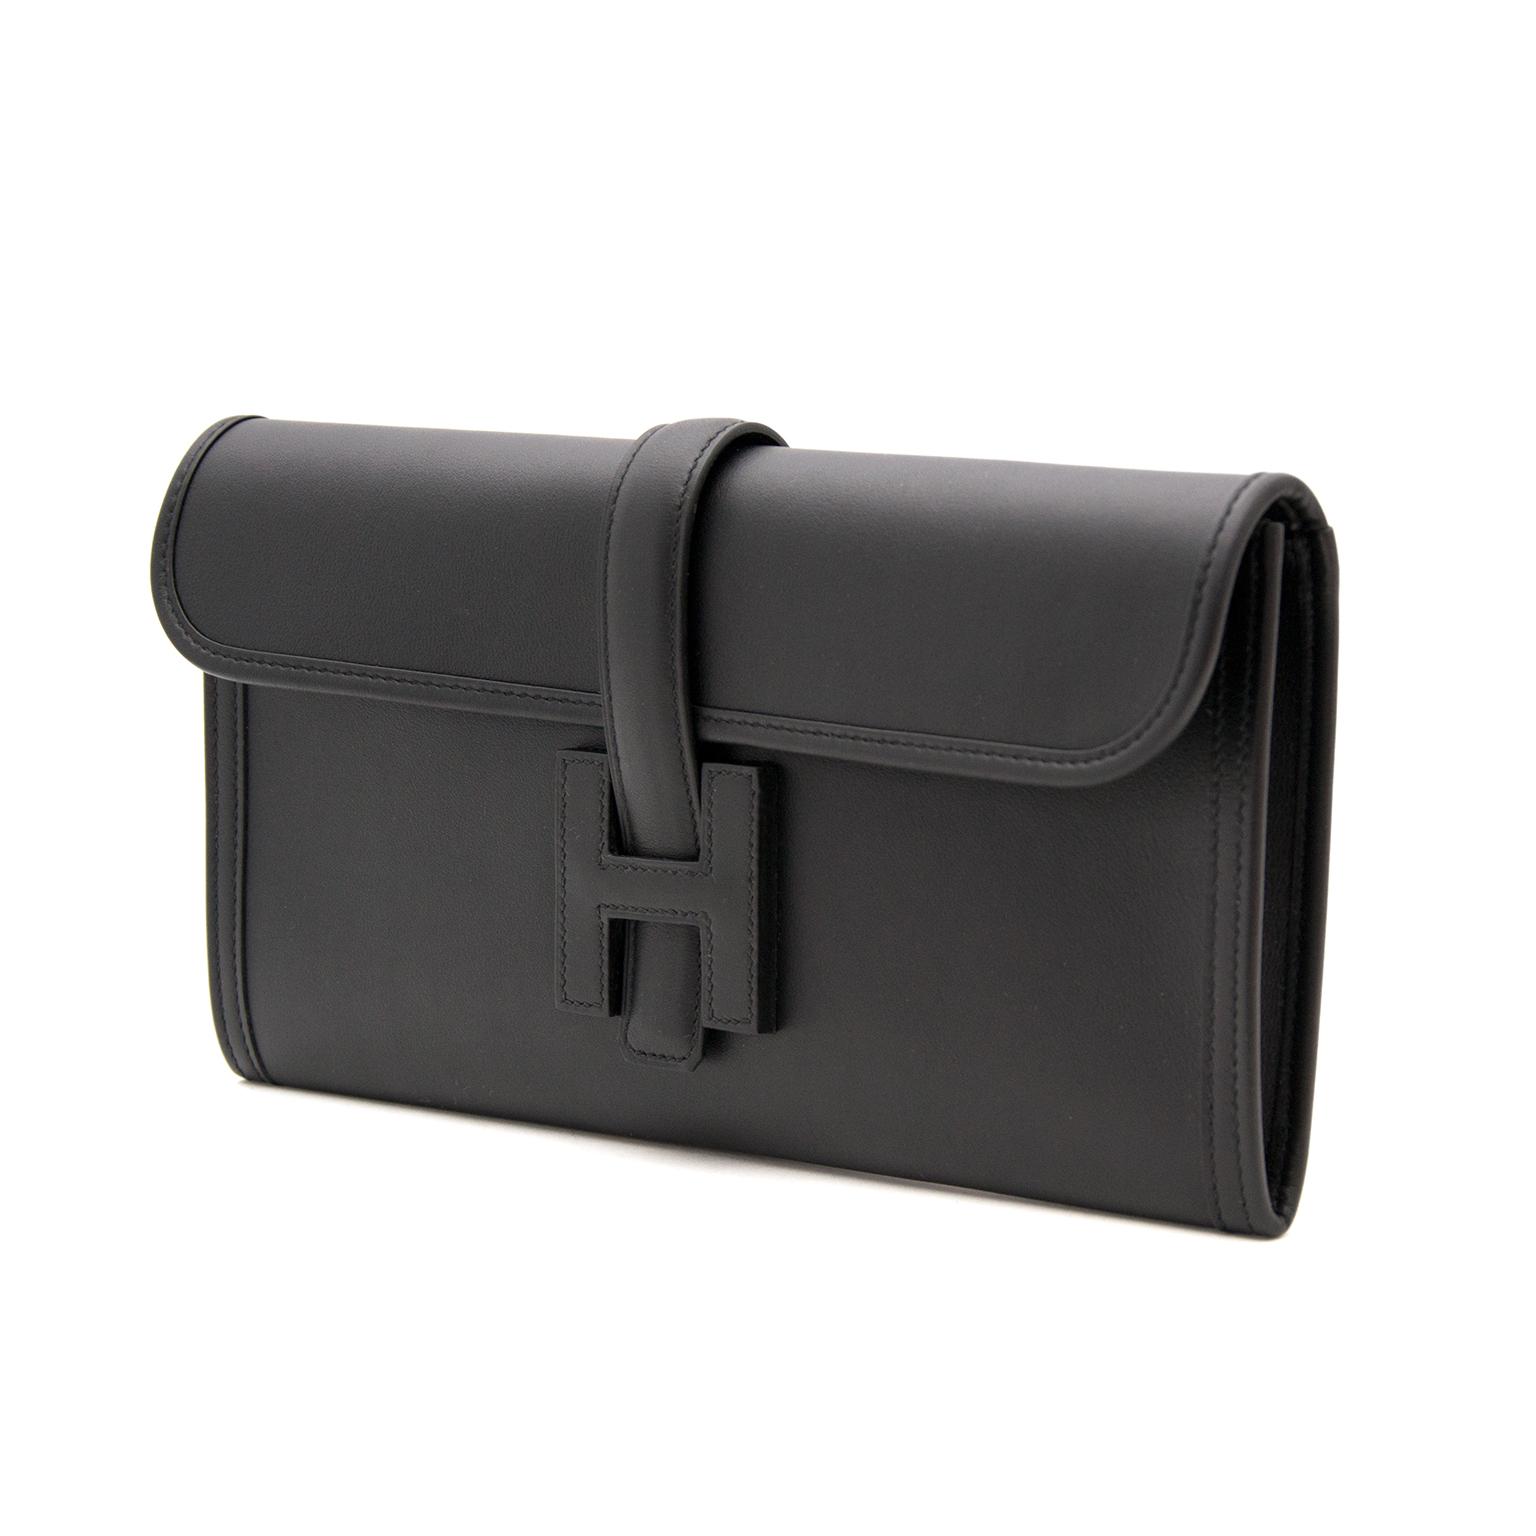 Buy safe and secure online at labellov.com. Find your designer handbag for the best price at labellov.com Hermes Jige Clutch Elan